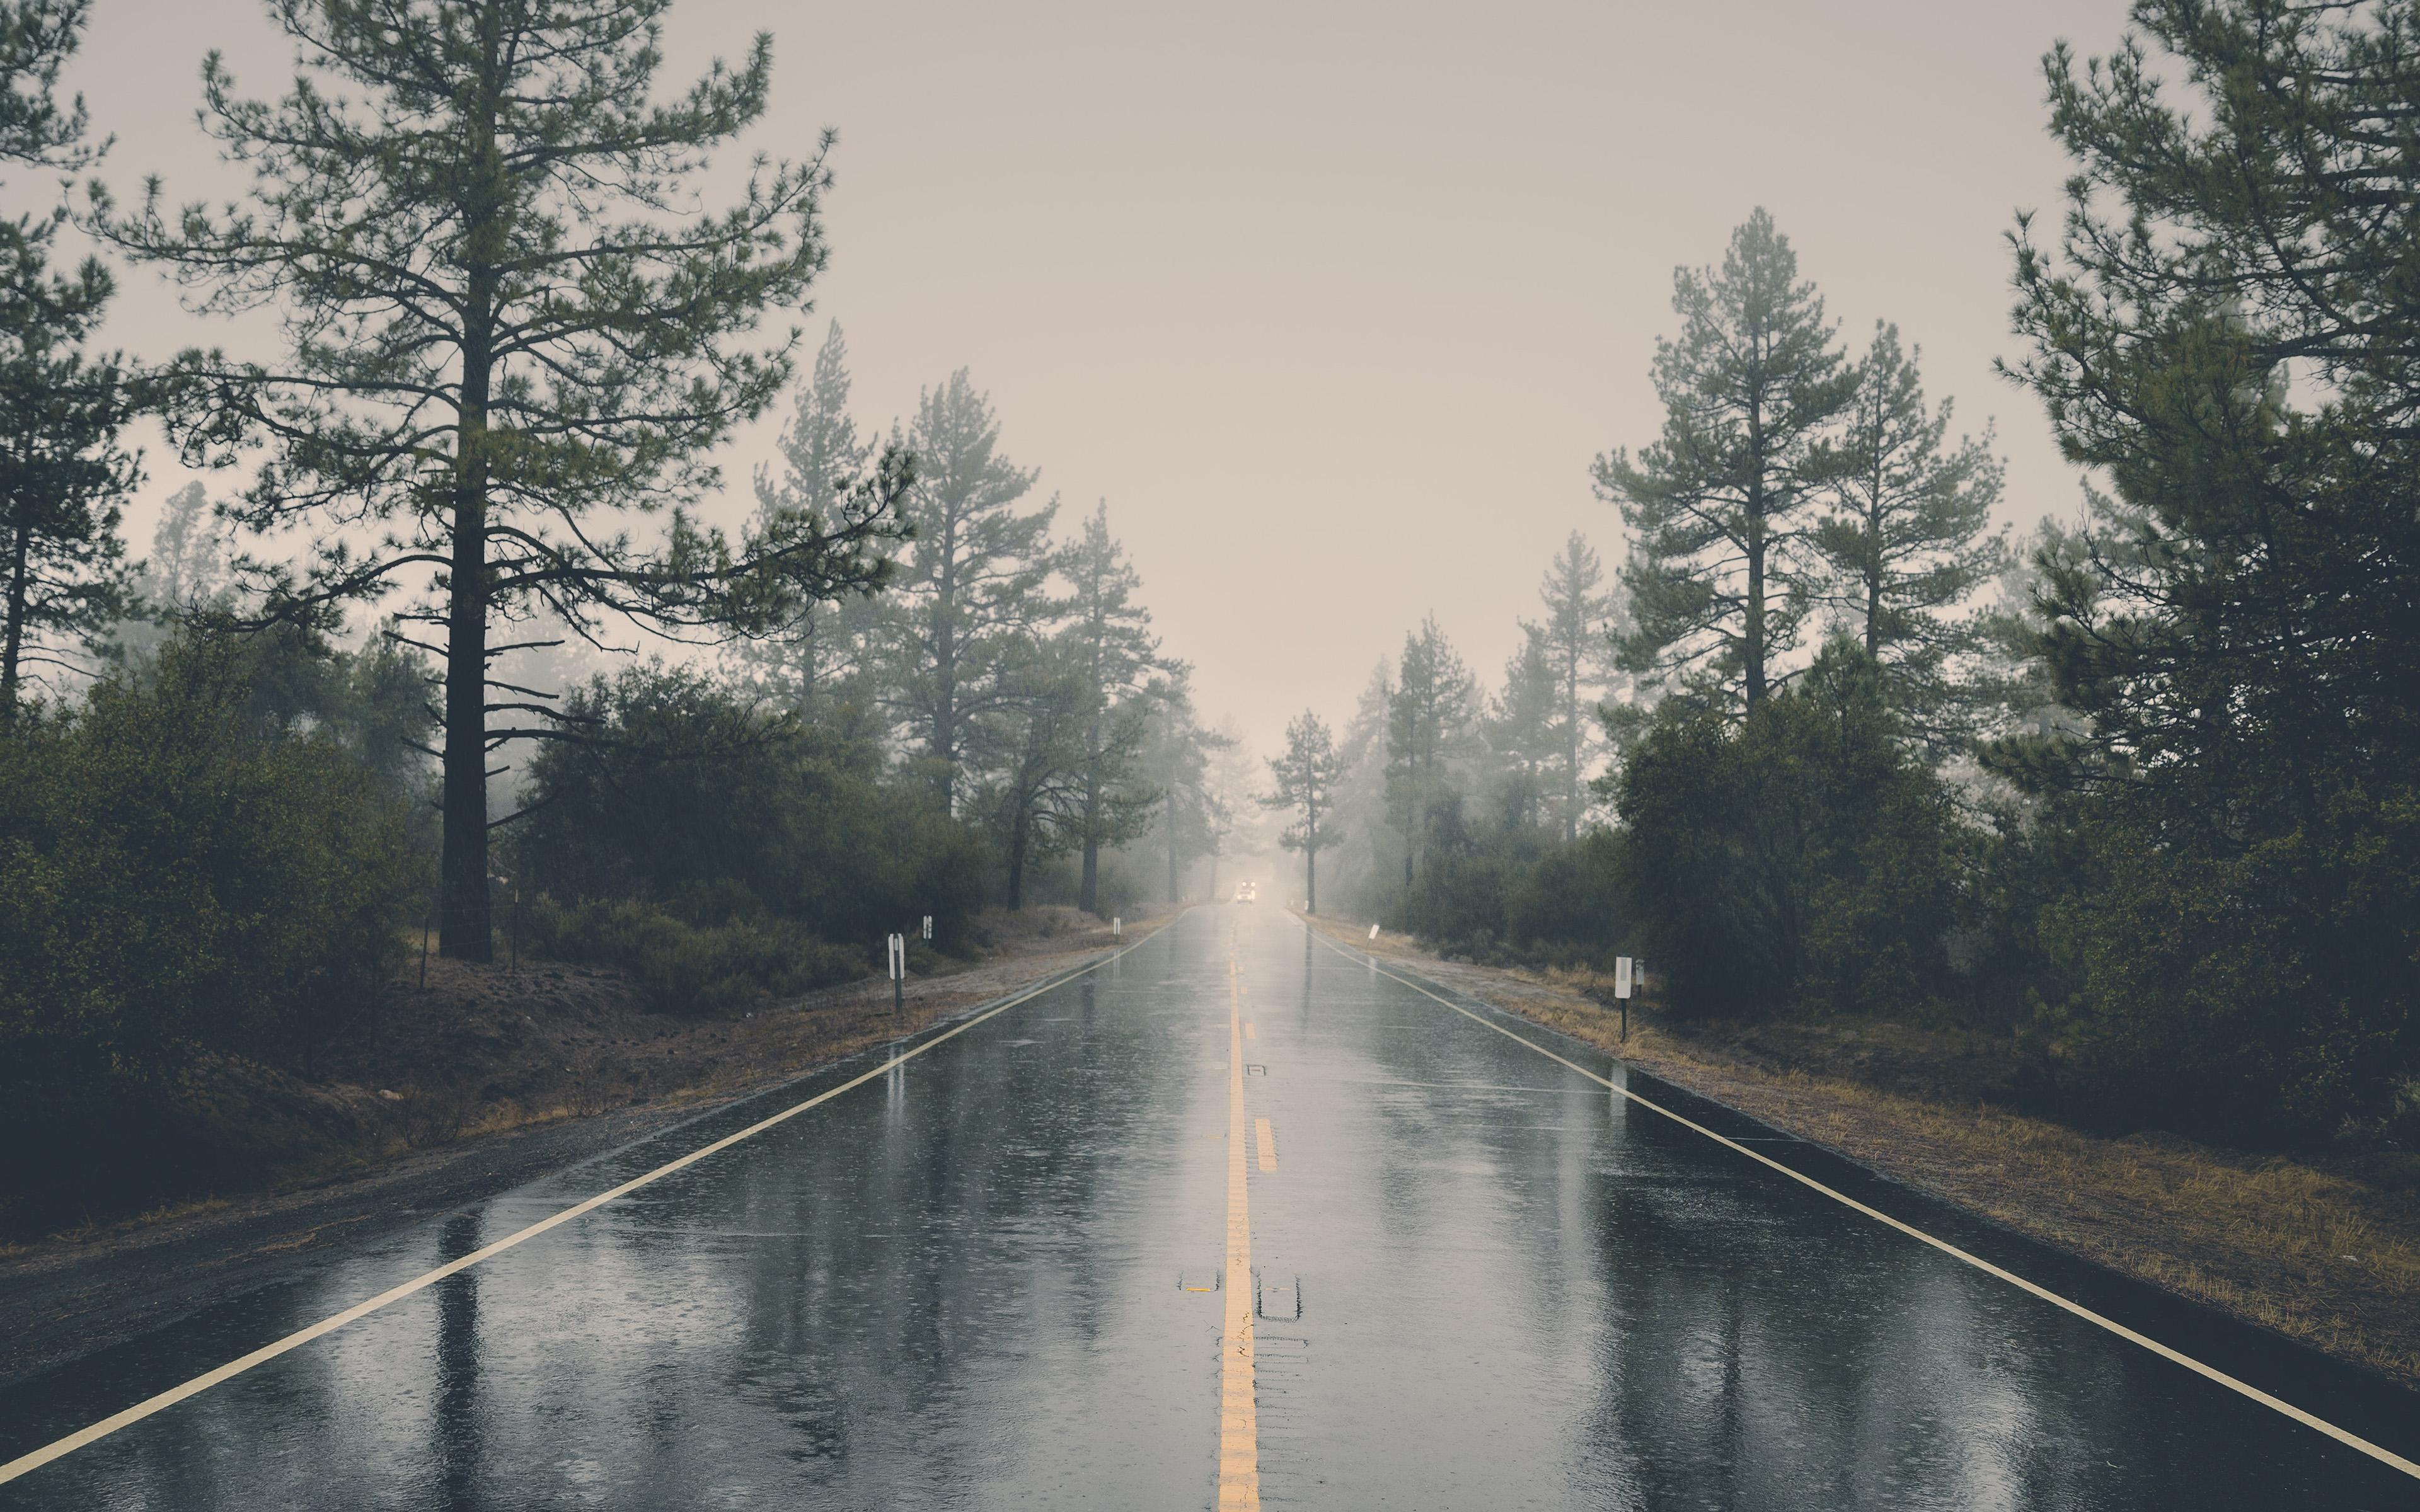 ny87-rain-road-street-city-nature-wallpaper